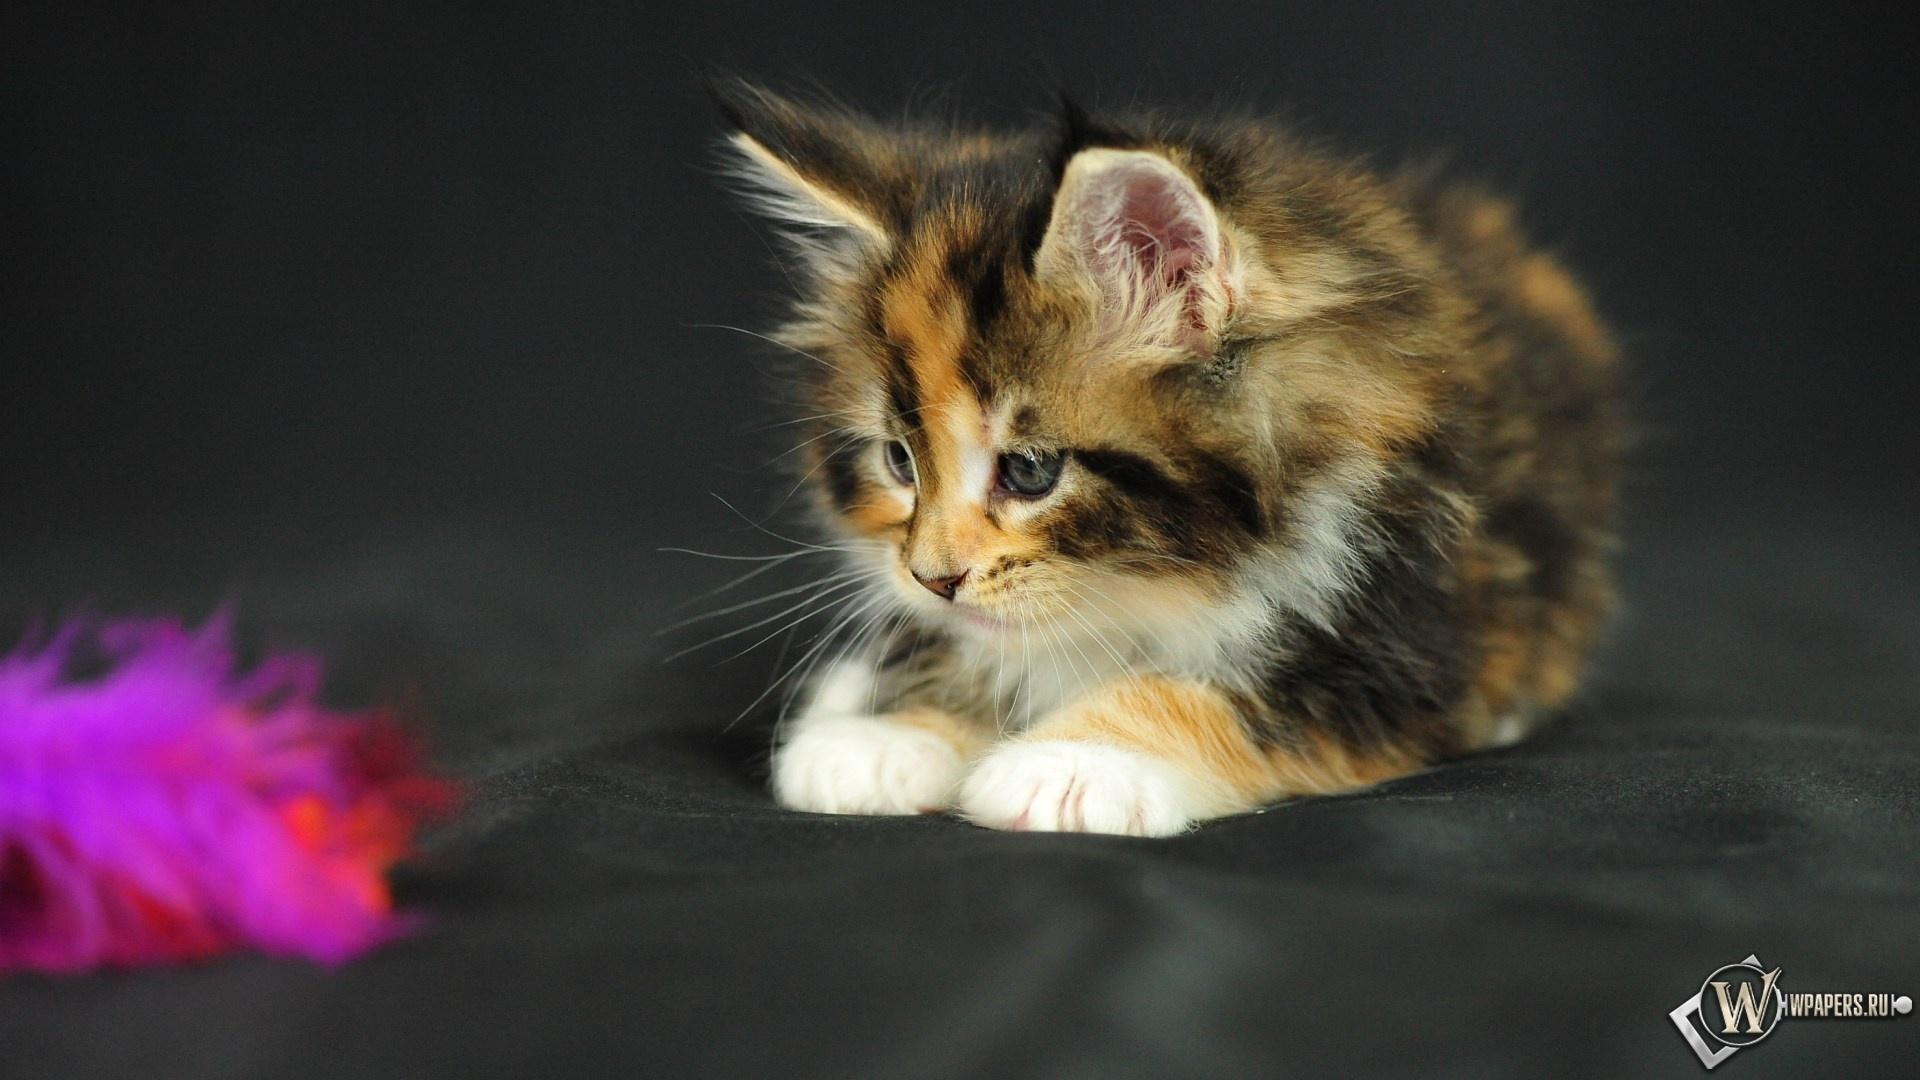 Пушистый котёнок 1920x1080